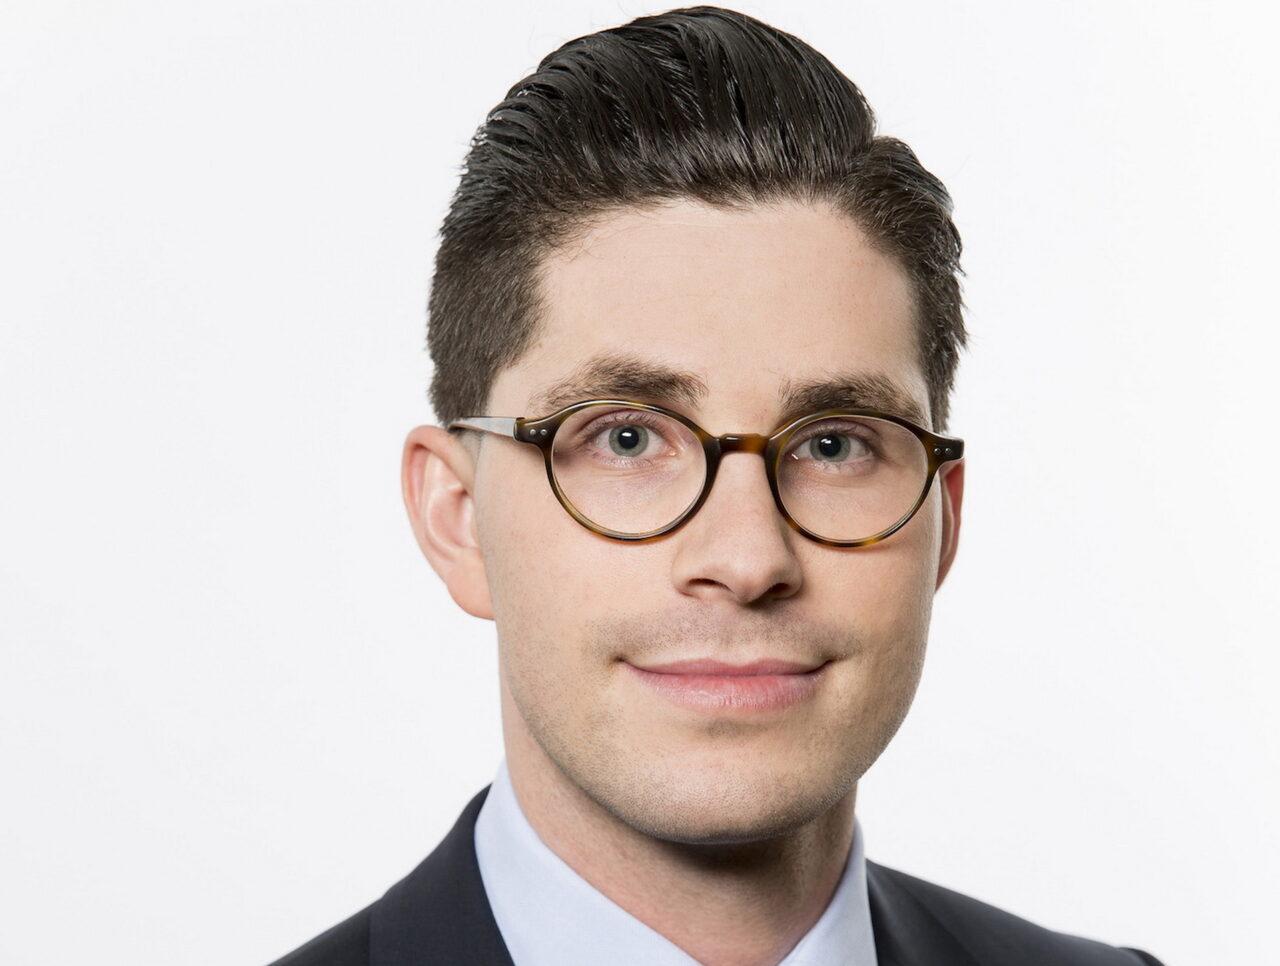 https://intelligent-investors.de/wp-content/uploads/2020/09/DJE-Maximilian-Benedikt-Koehn_2-1280x966.jpg